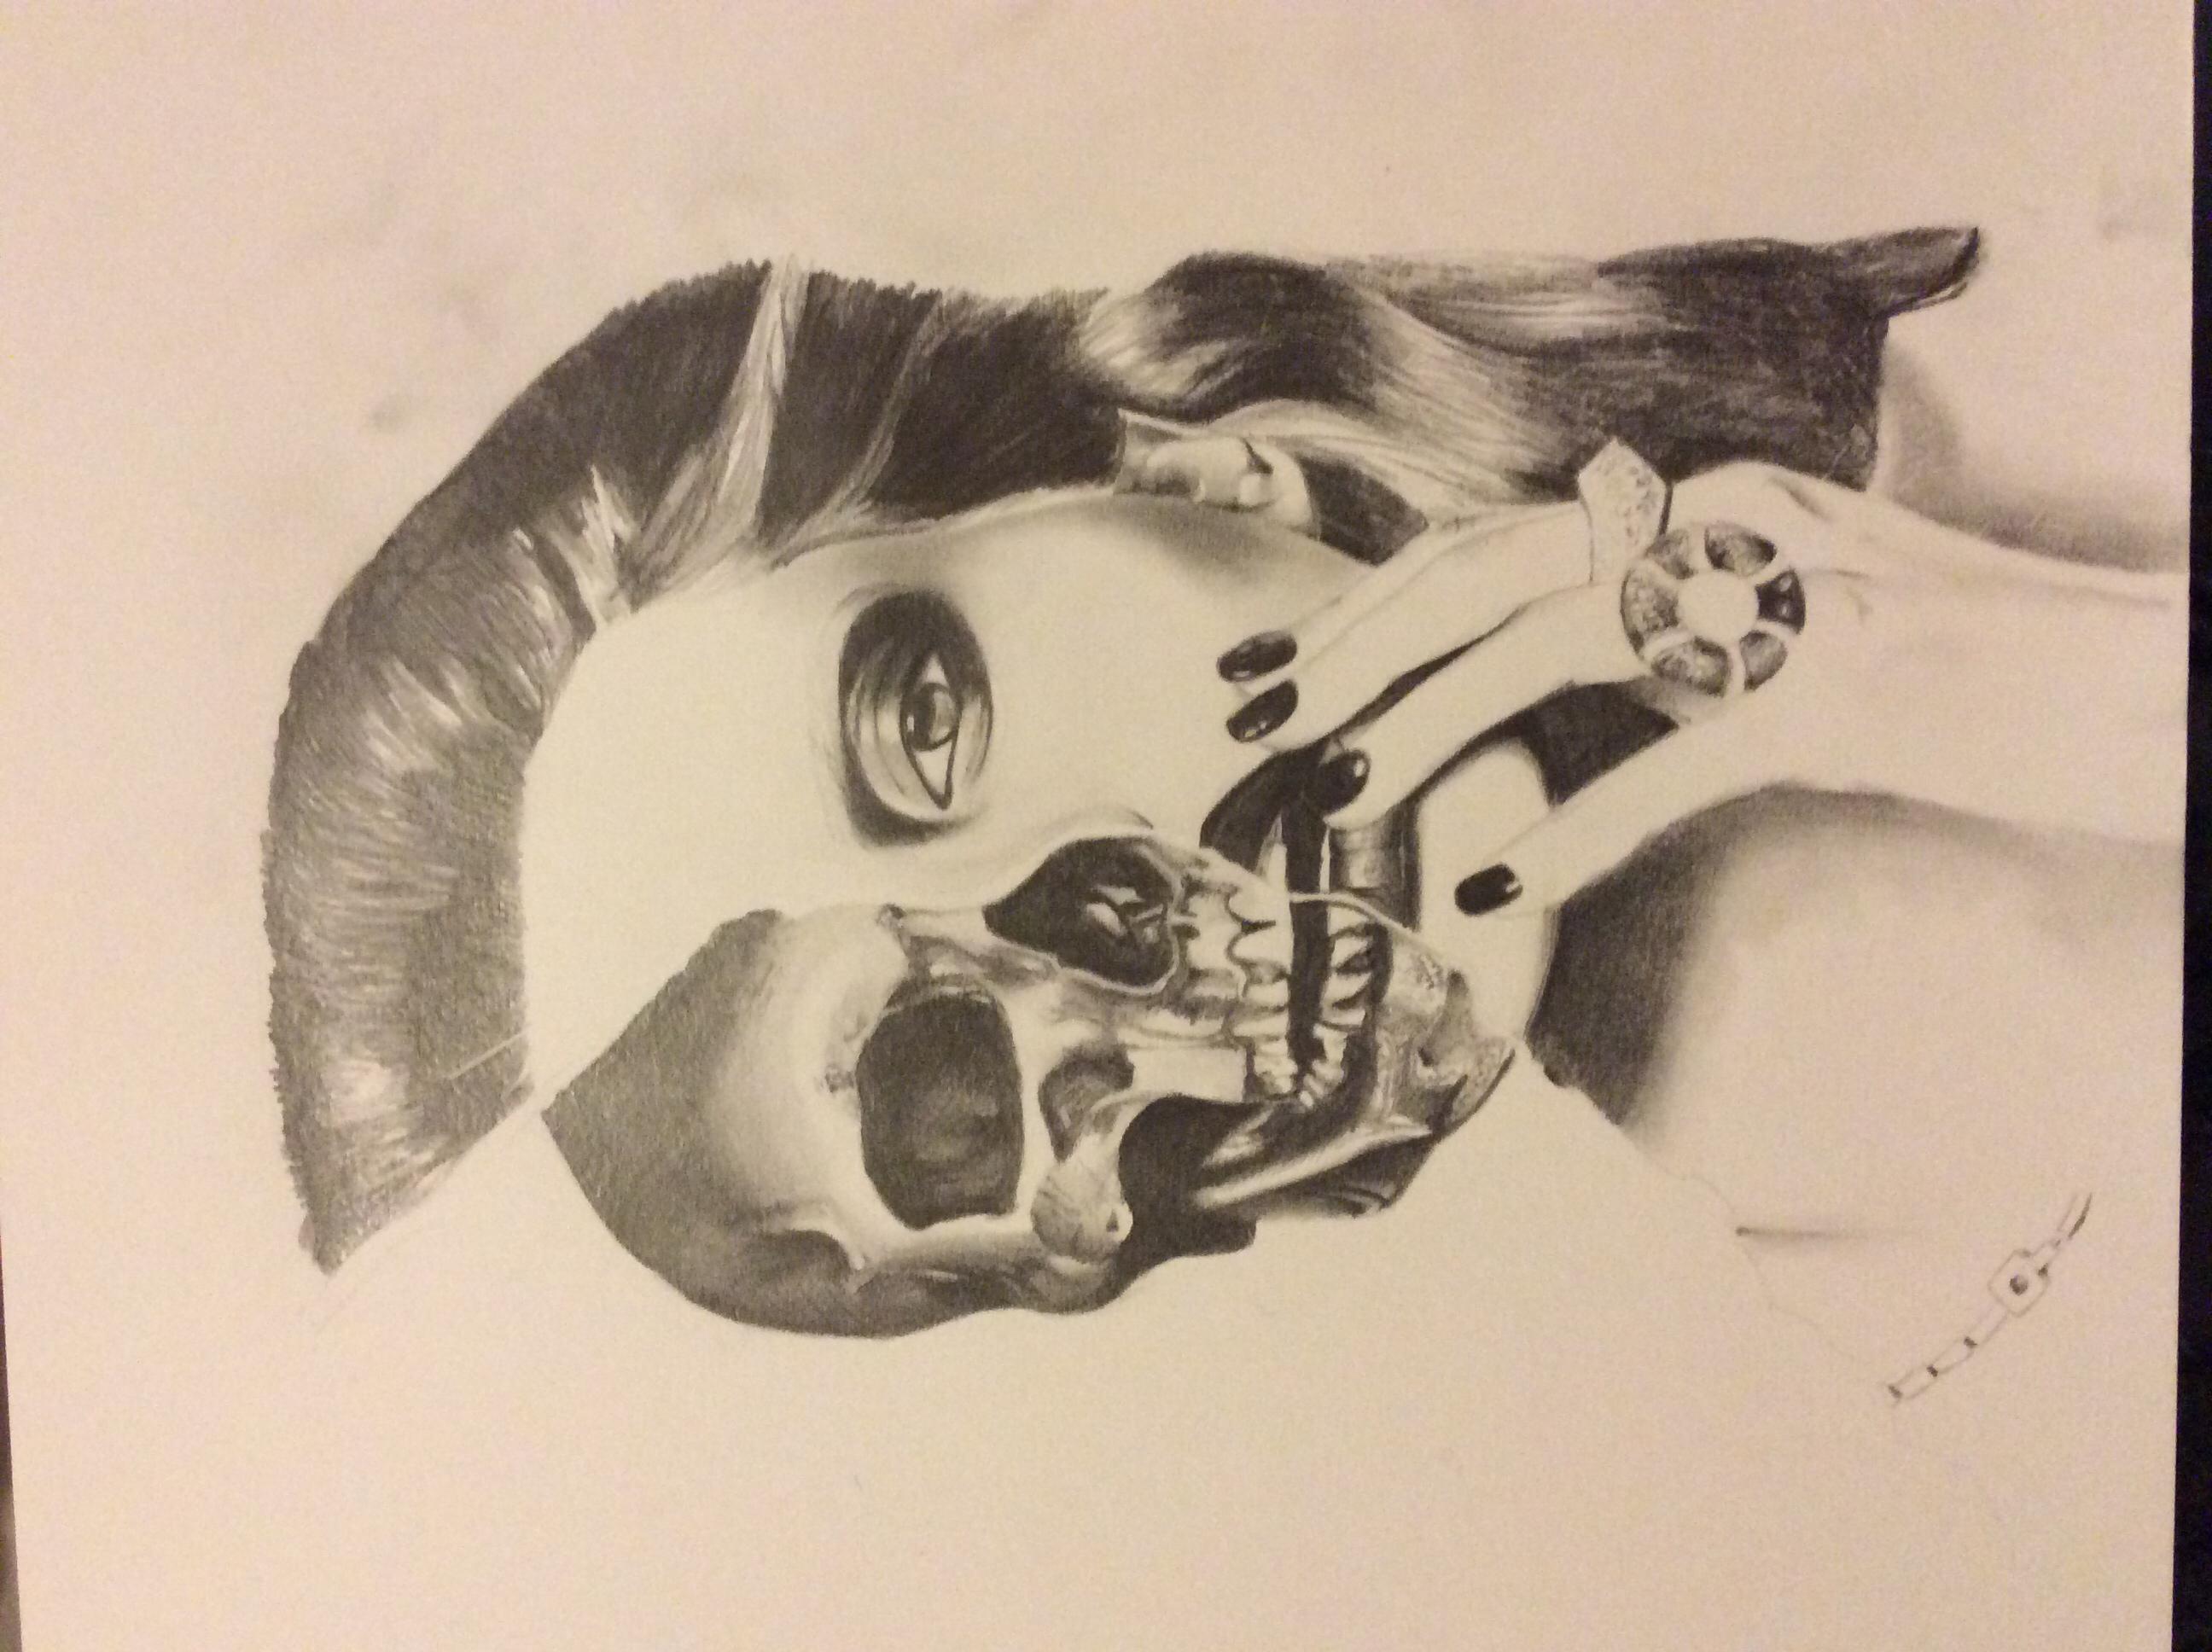 2592x1936 Half Skull, Half Face Drawing Art Half Skull